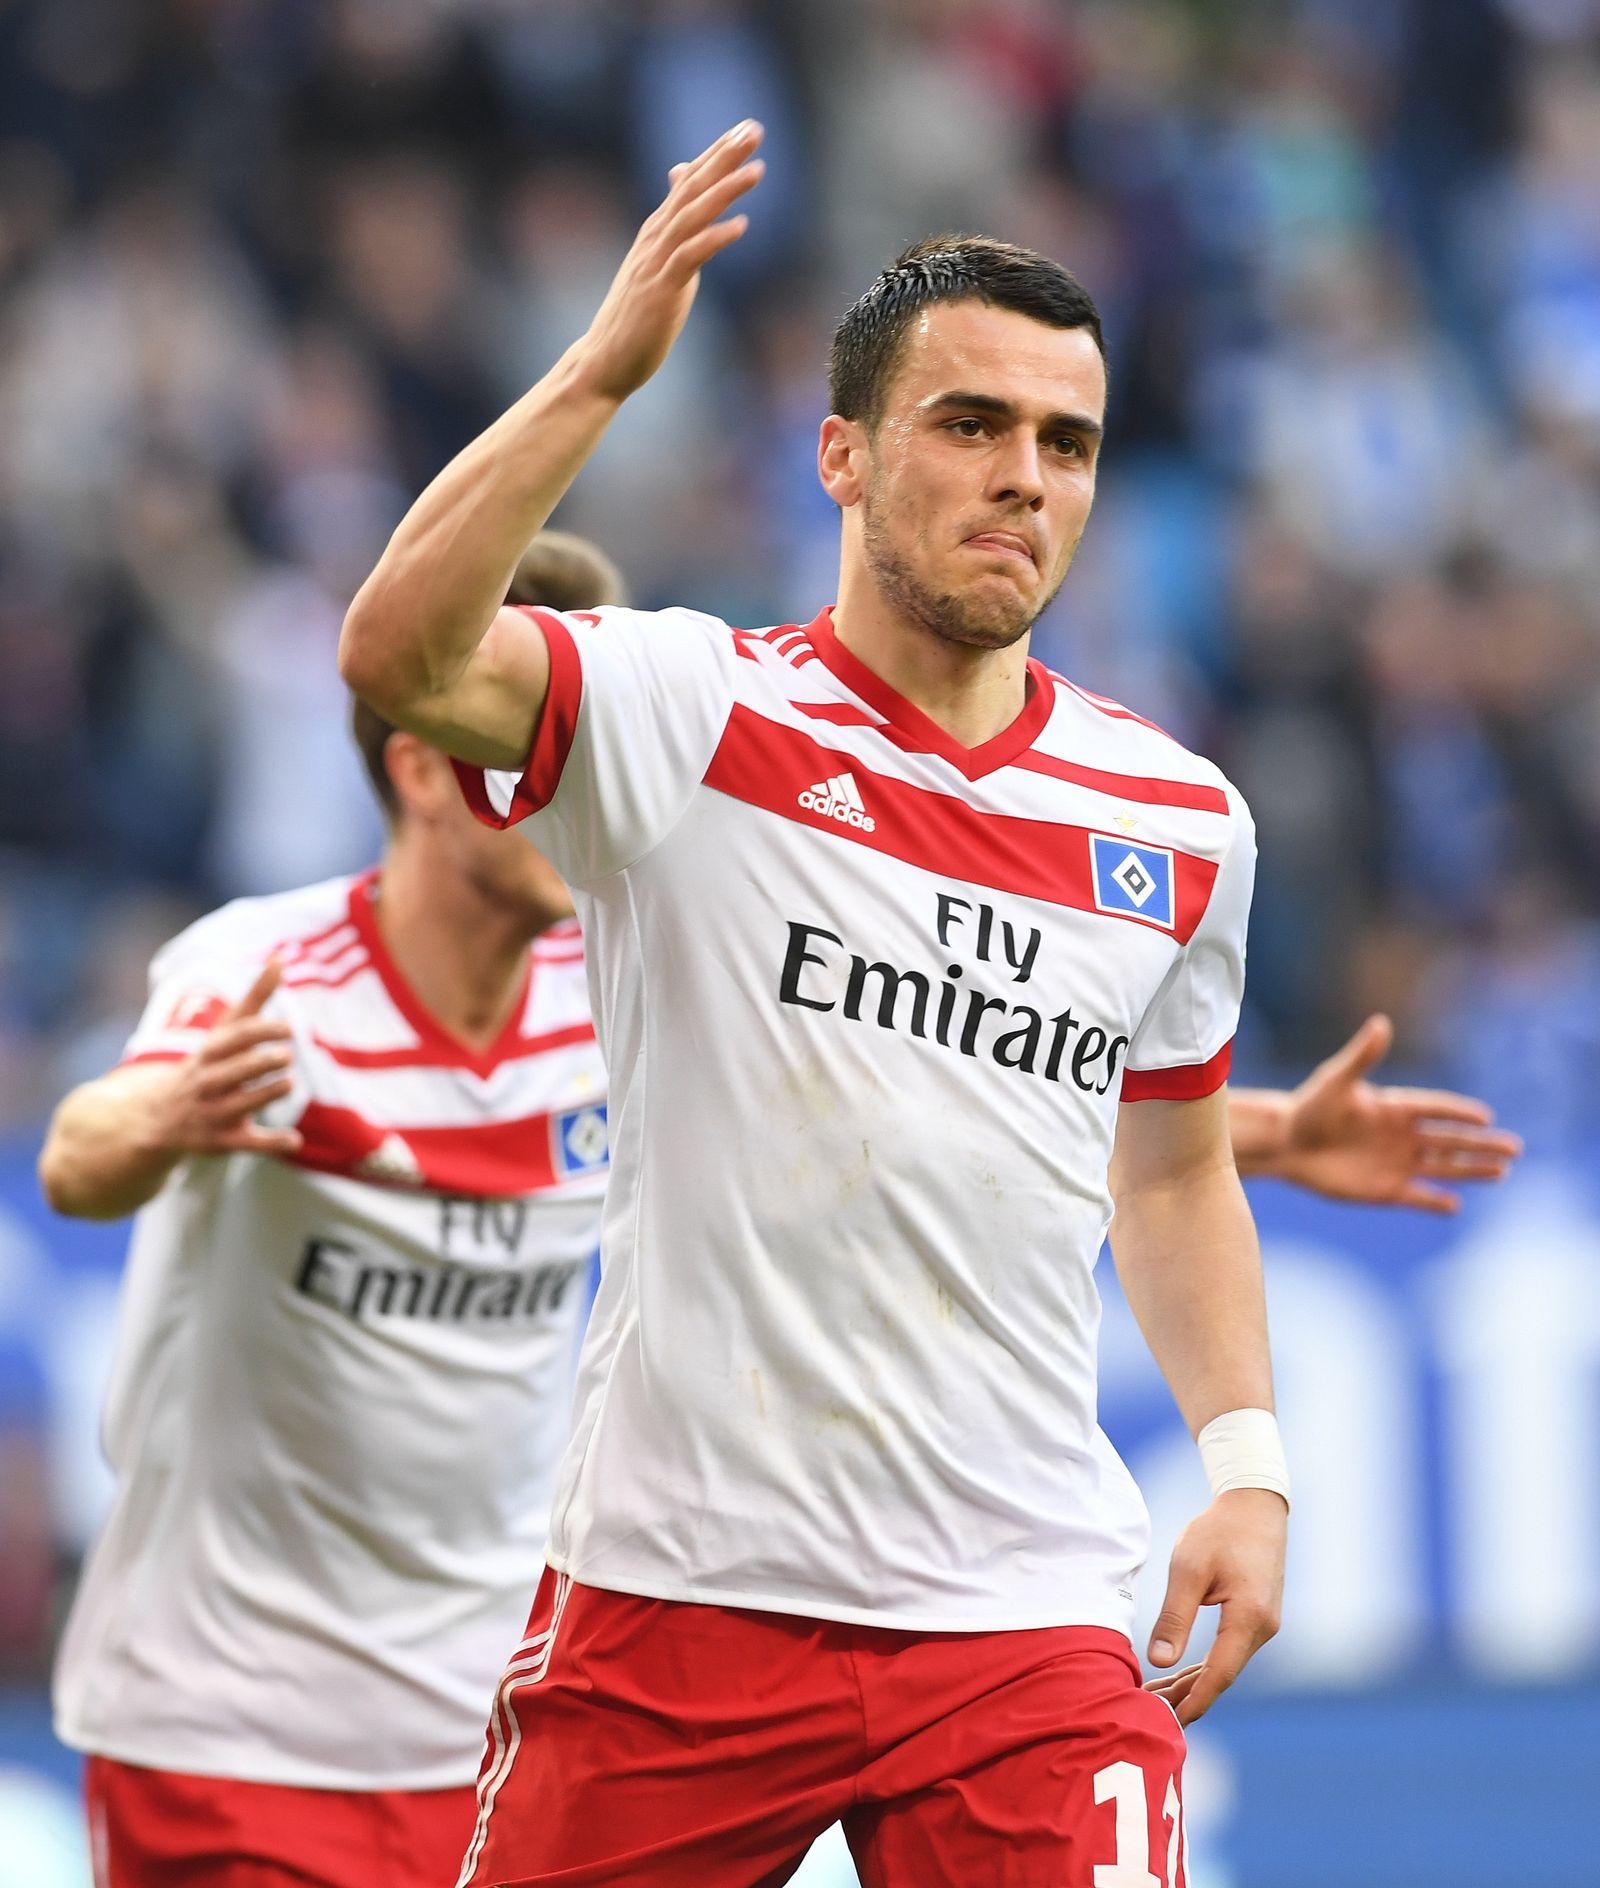 HLT Hamburger SV - FC Schalke 04